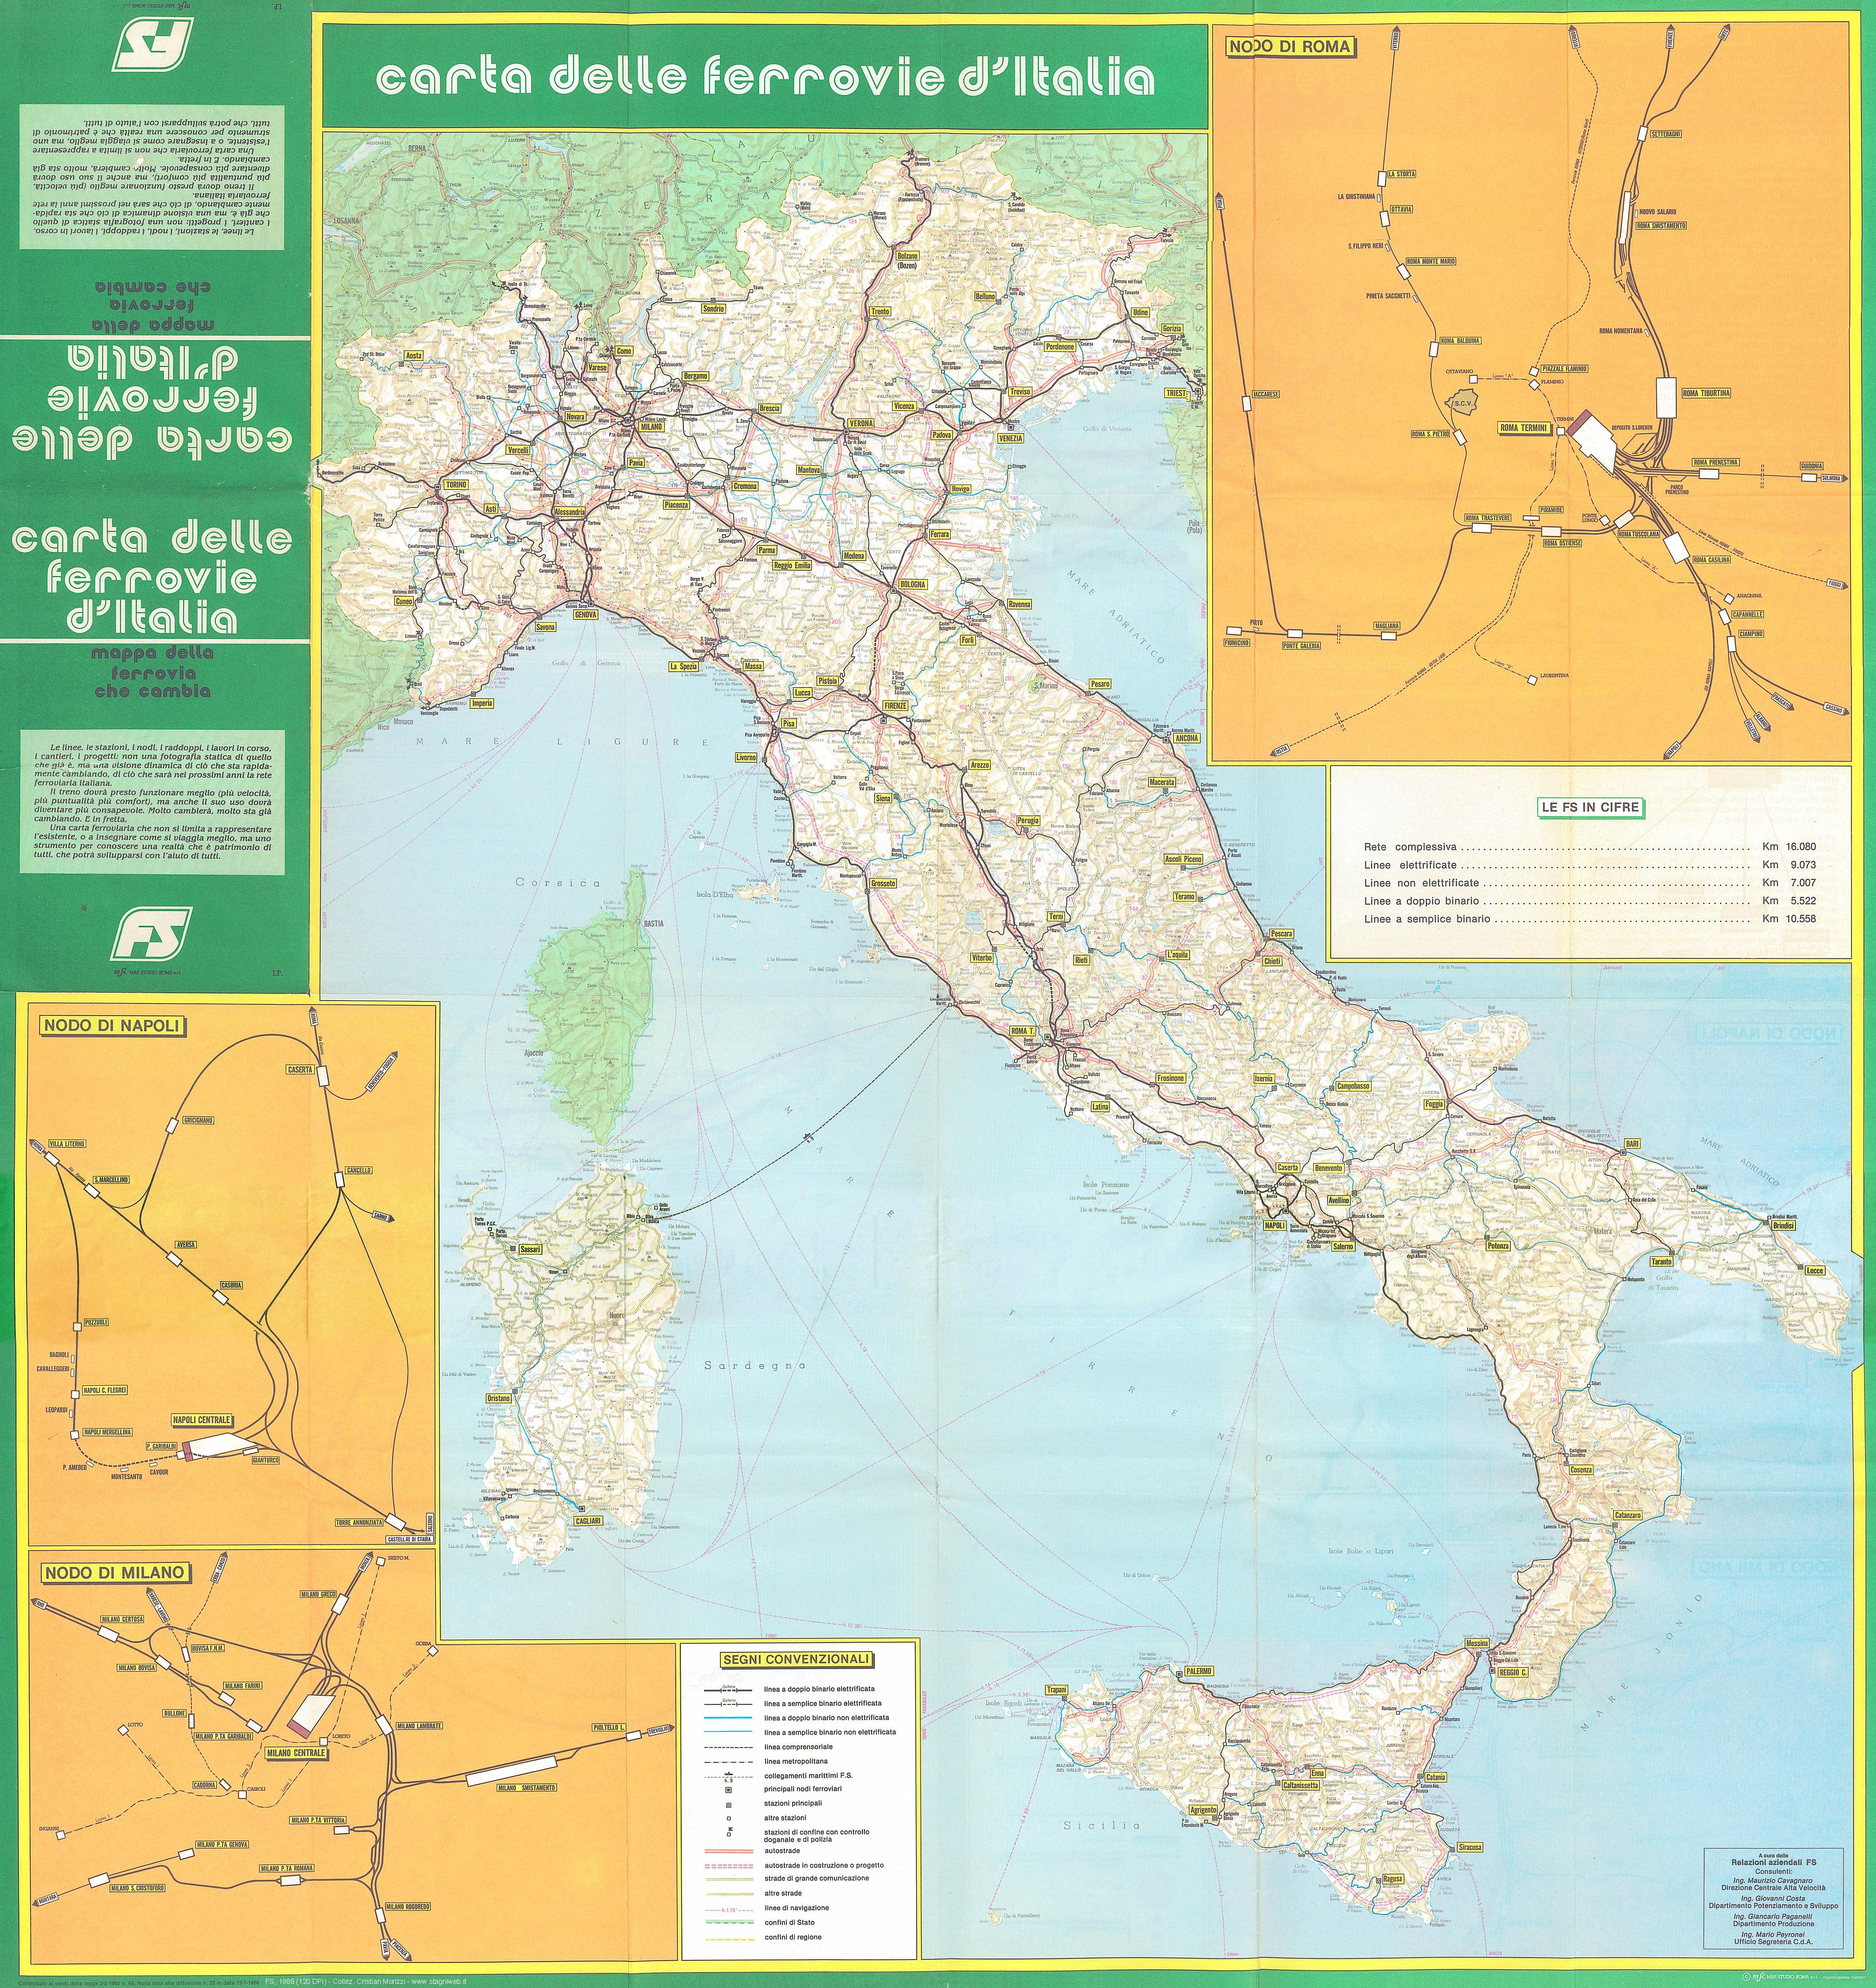 Cartina Italia Con Legenda.Altre Carte Ferroviarie Stagniweb